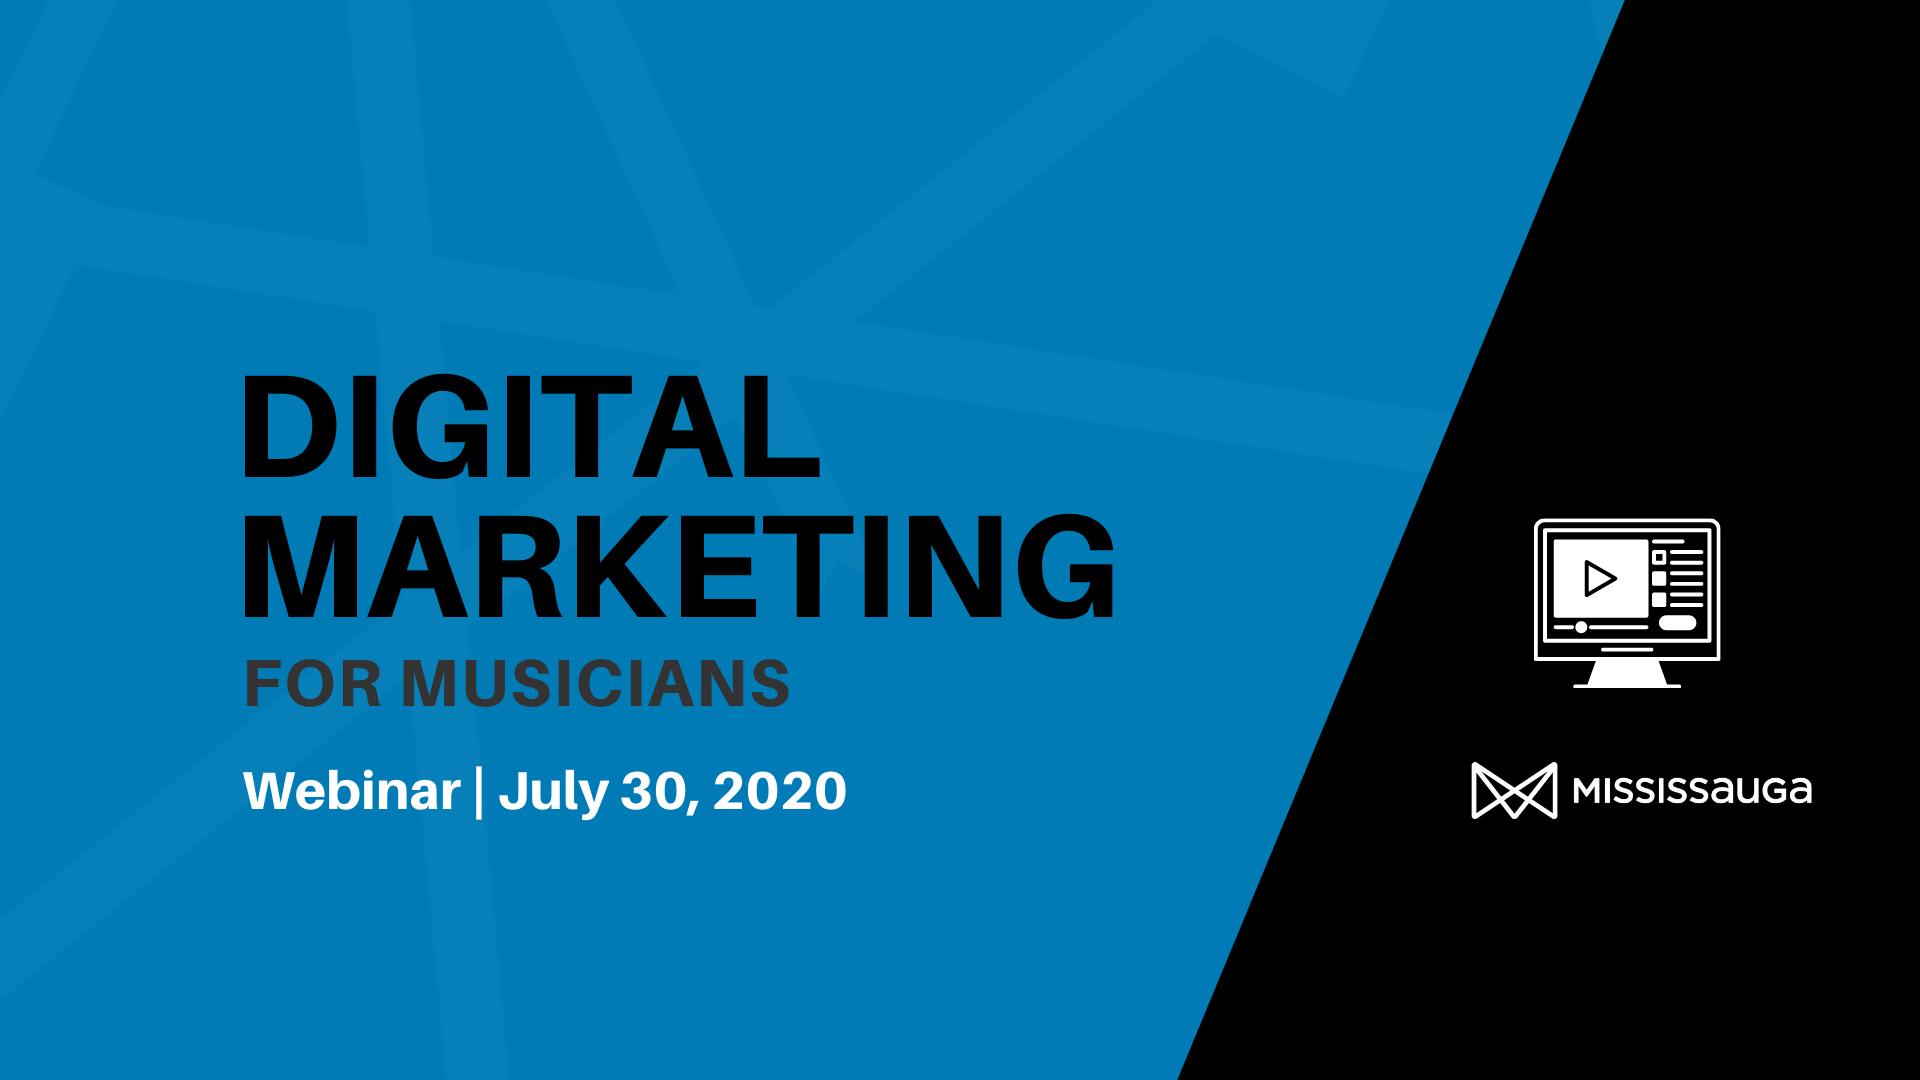 Digital Marketing for Musicians – Webinar, Jul 30